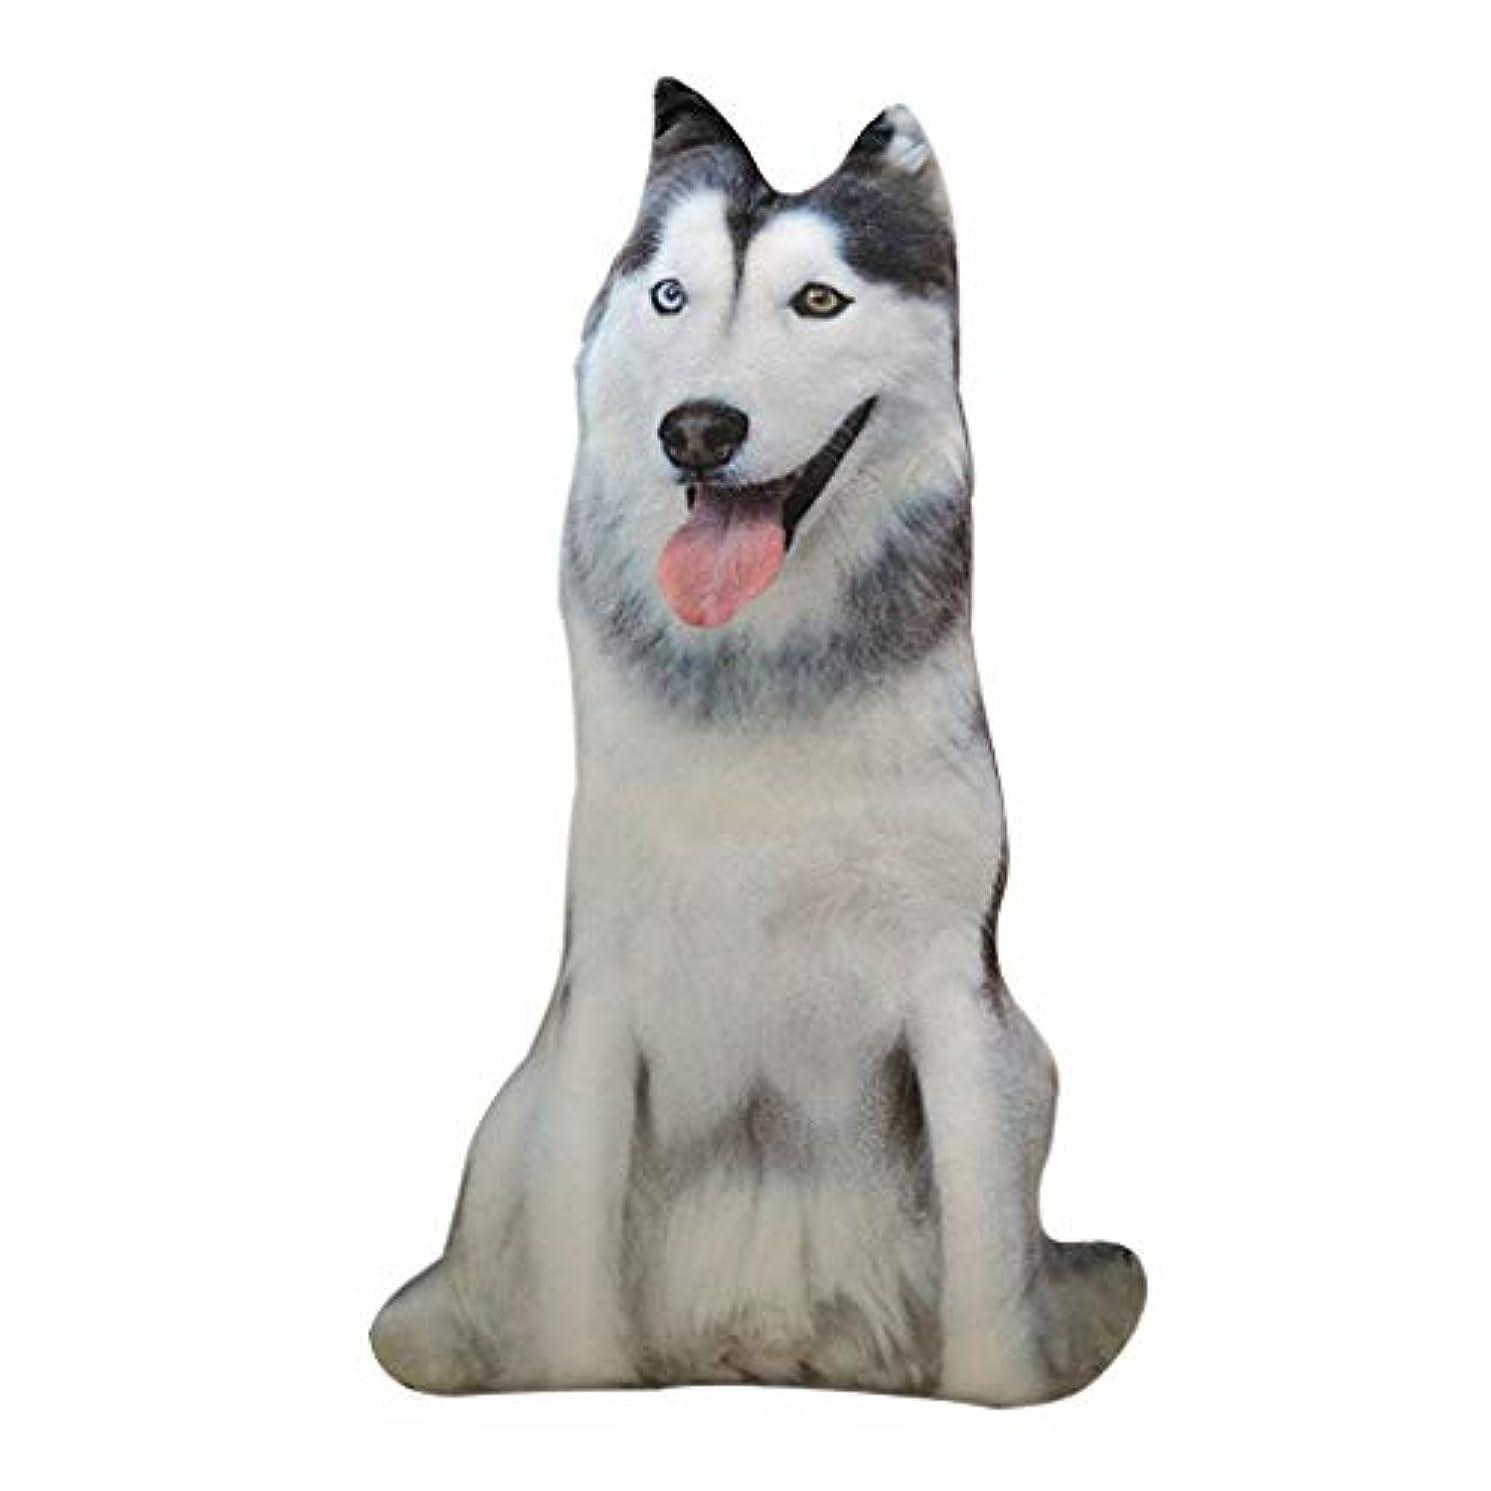 運命的なに渡って母性LIFE 装飾クッションソファおかしい 3D 犬印刷スロー枕創造クッションかわいいぬいぐるみギフト家の装飾 coussin decoratif クッション 椅子